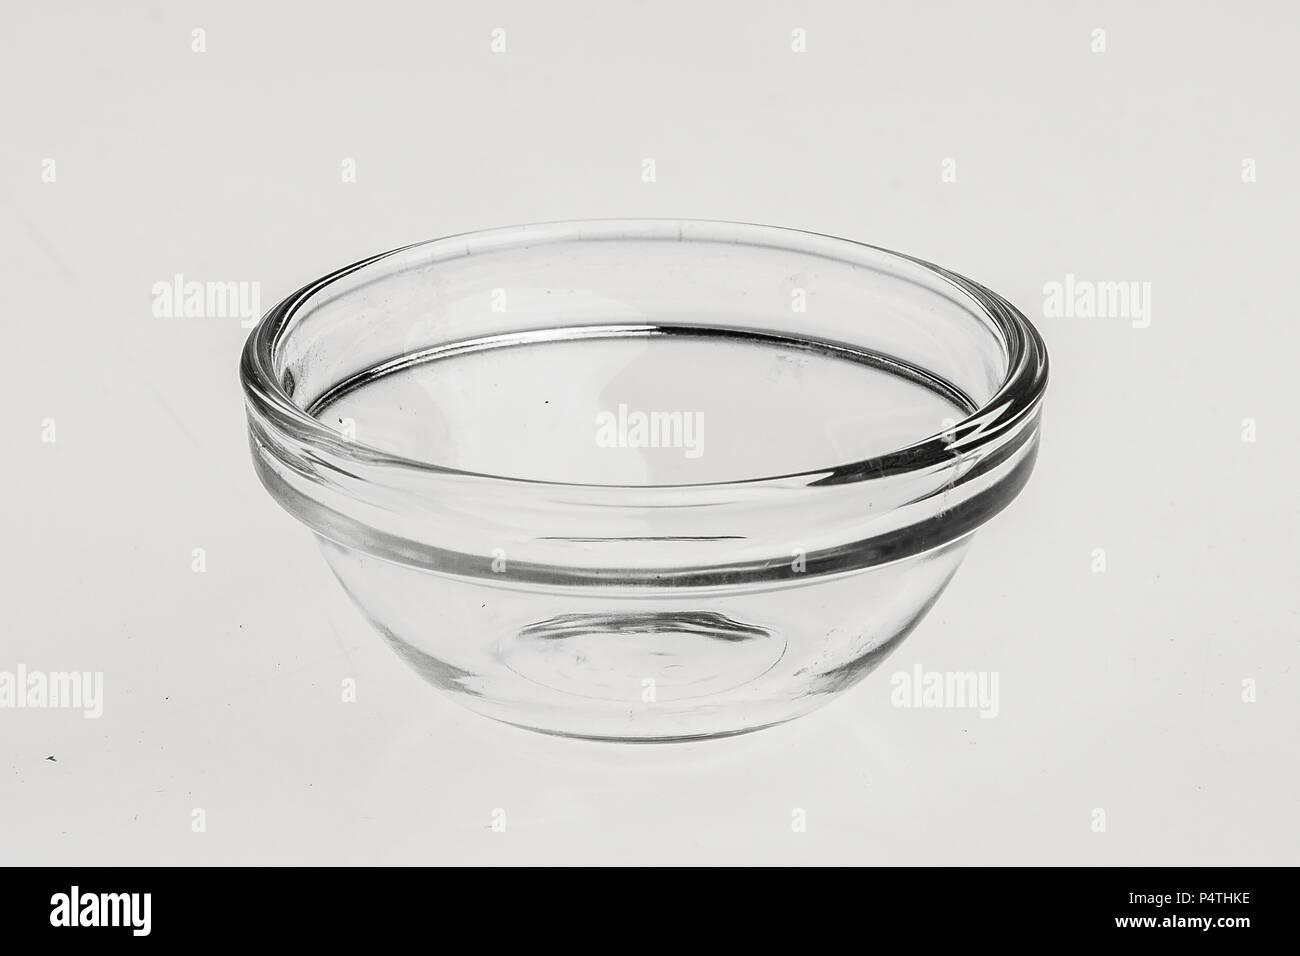 Différents objets en verre, des vases, des plaques pour les sauces, etc. Banque D'Images